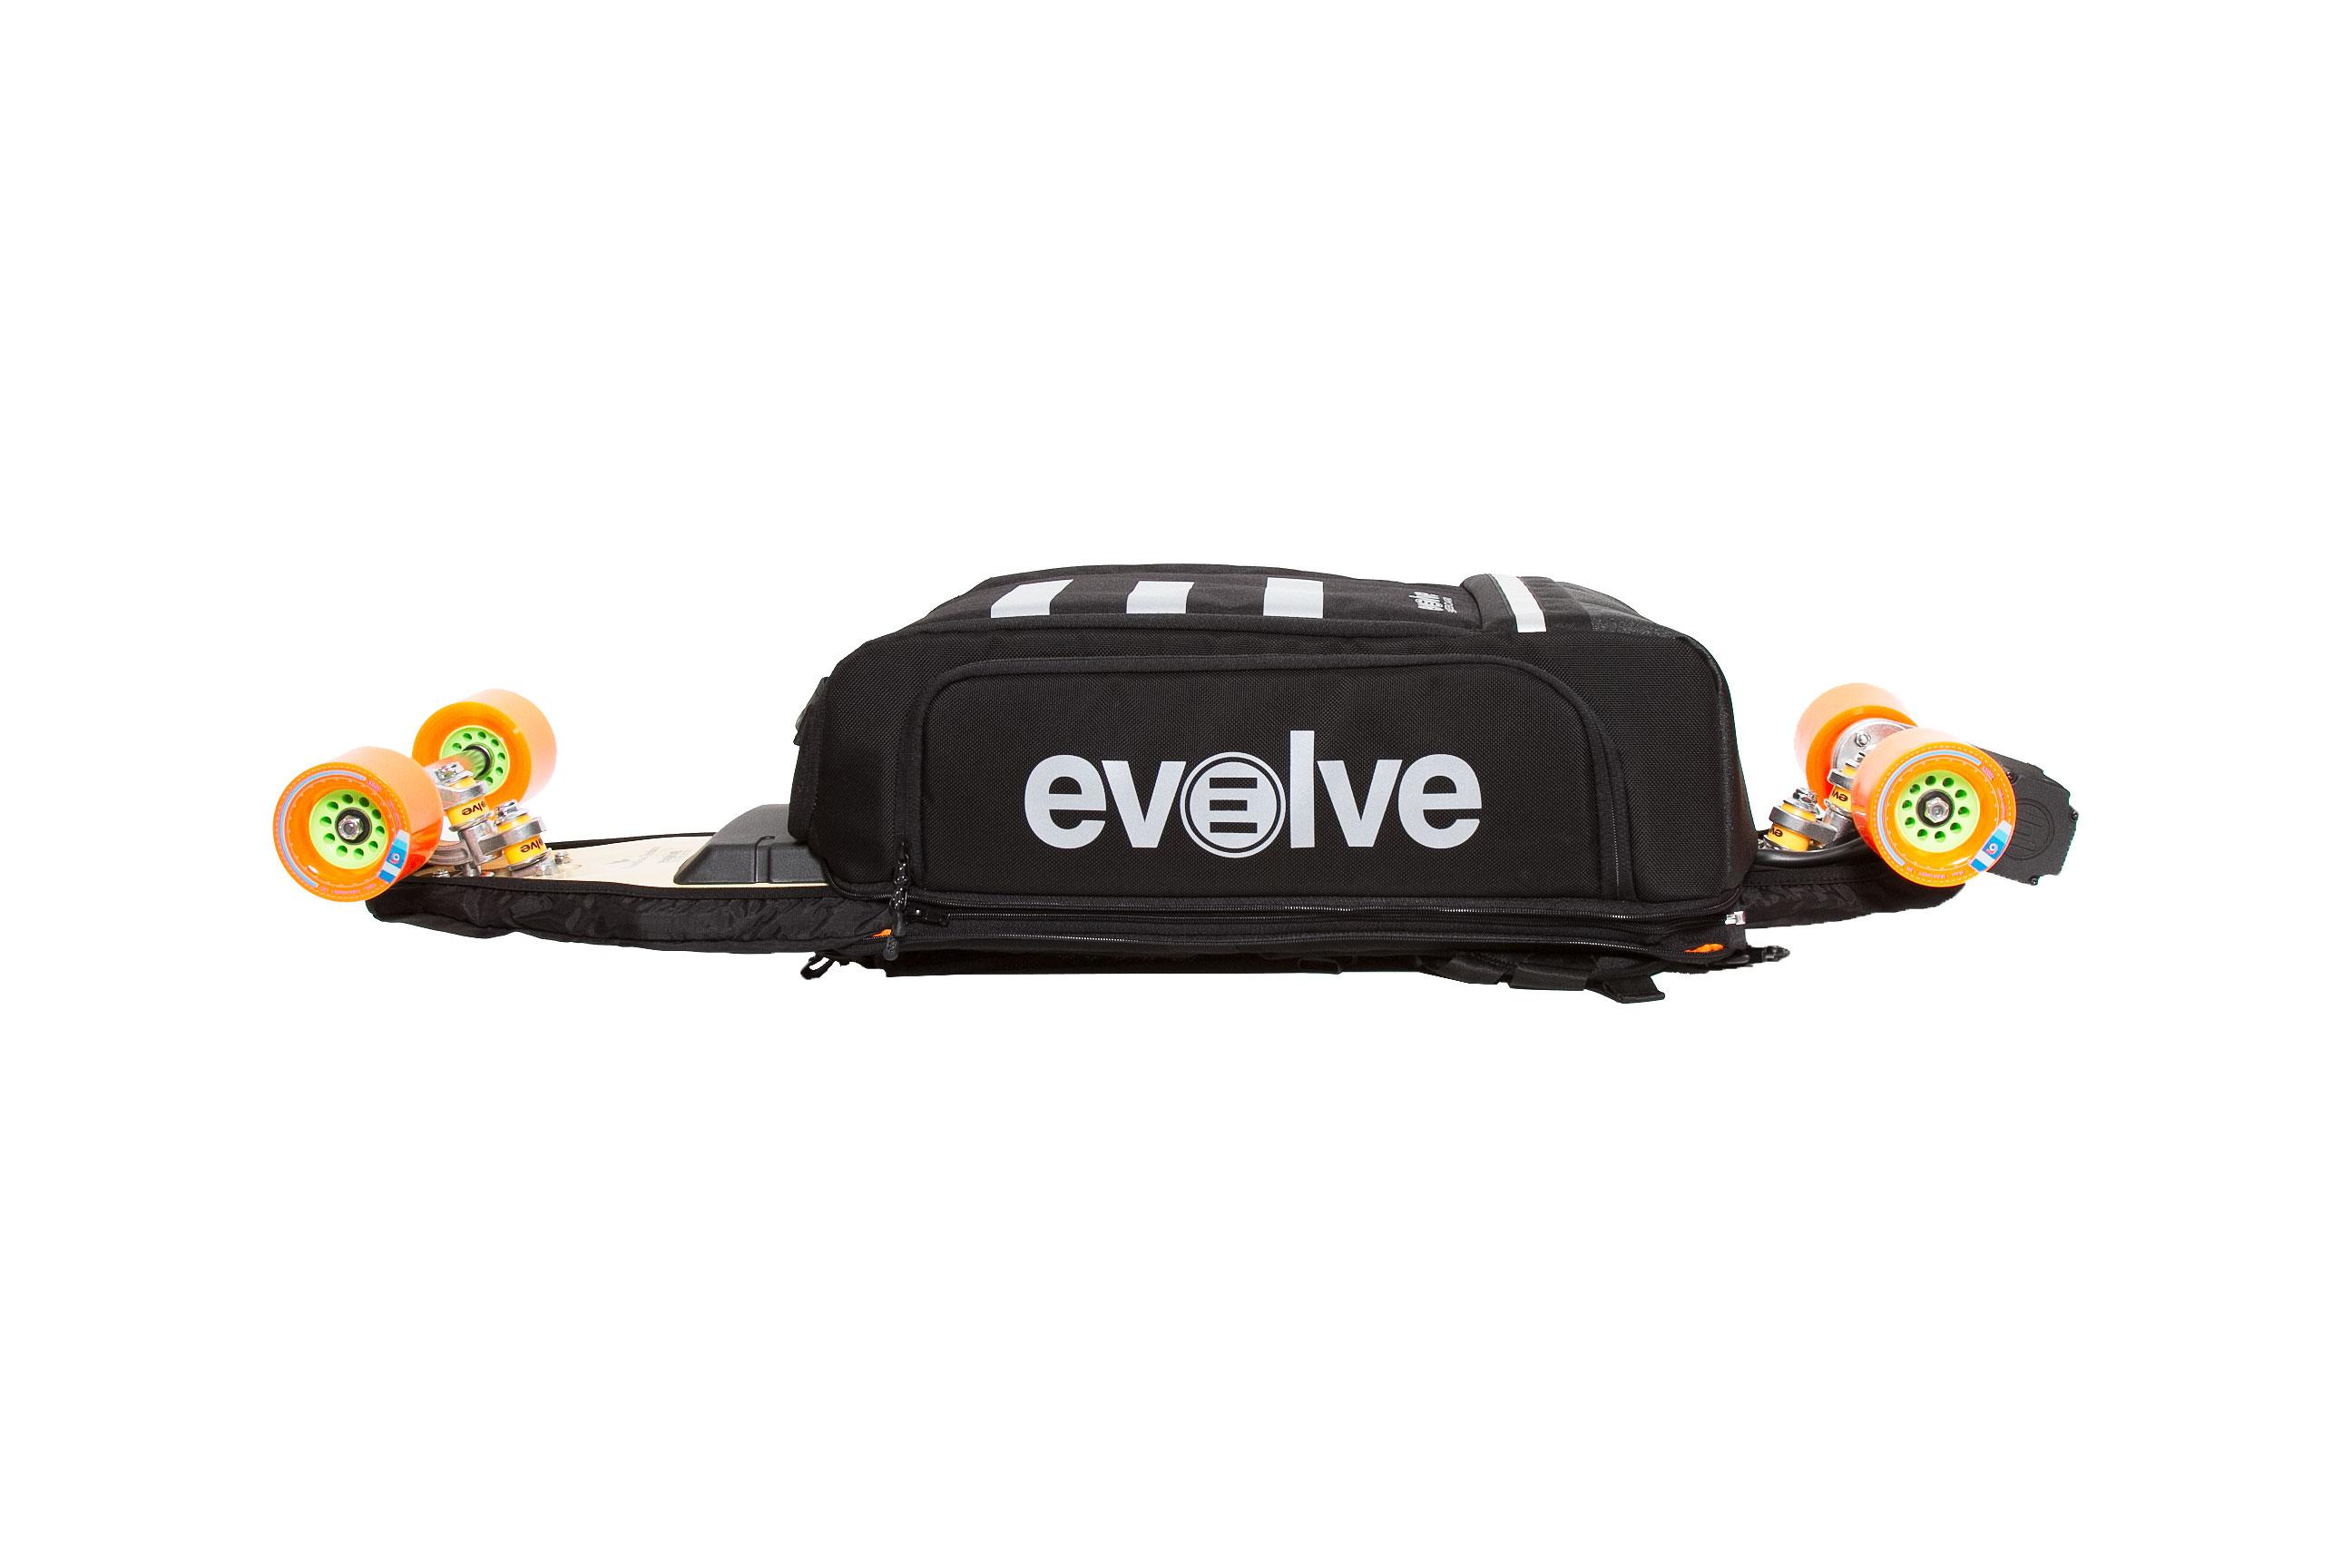 evolve backpack v2 tuning zubeh r evolve elektro. Black Bedroom Furniture Sets. Home Design Ideas